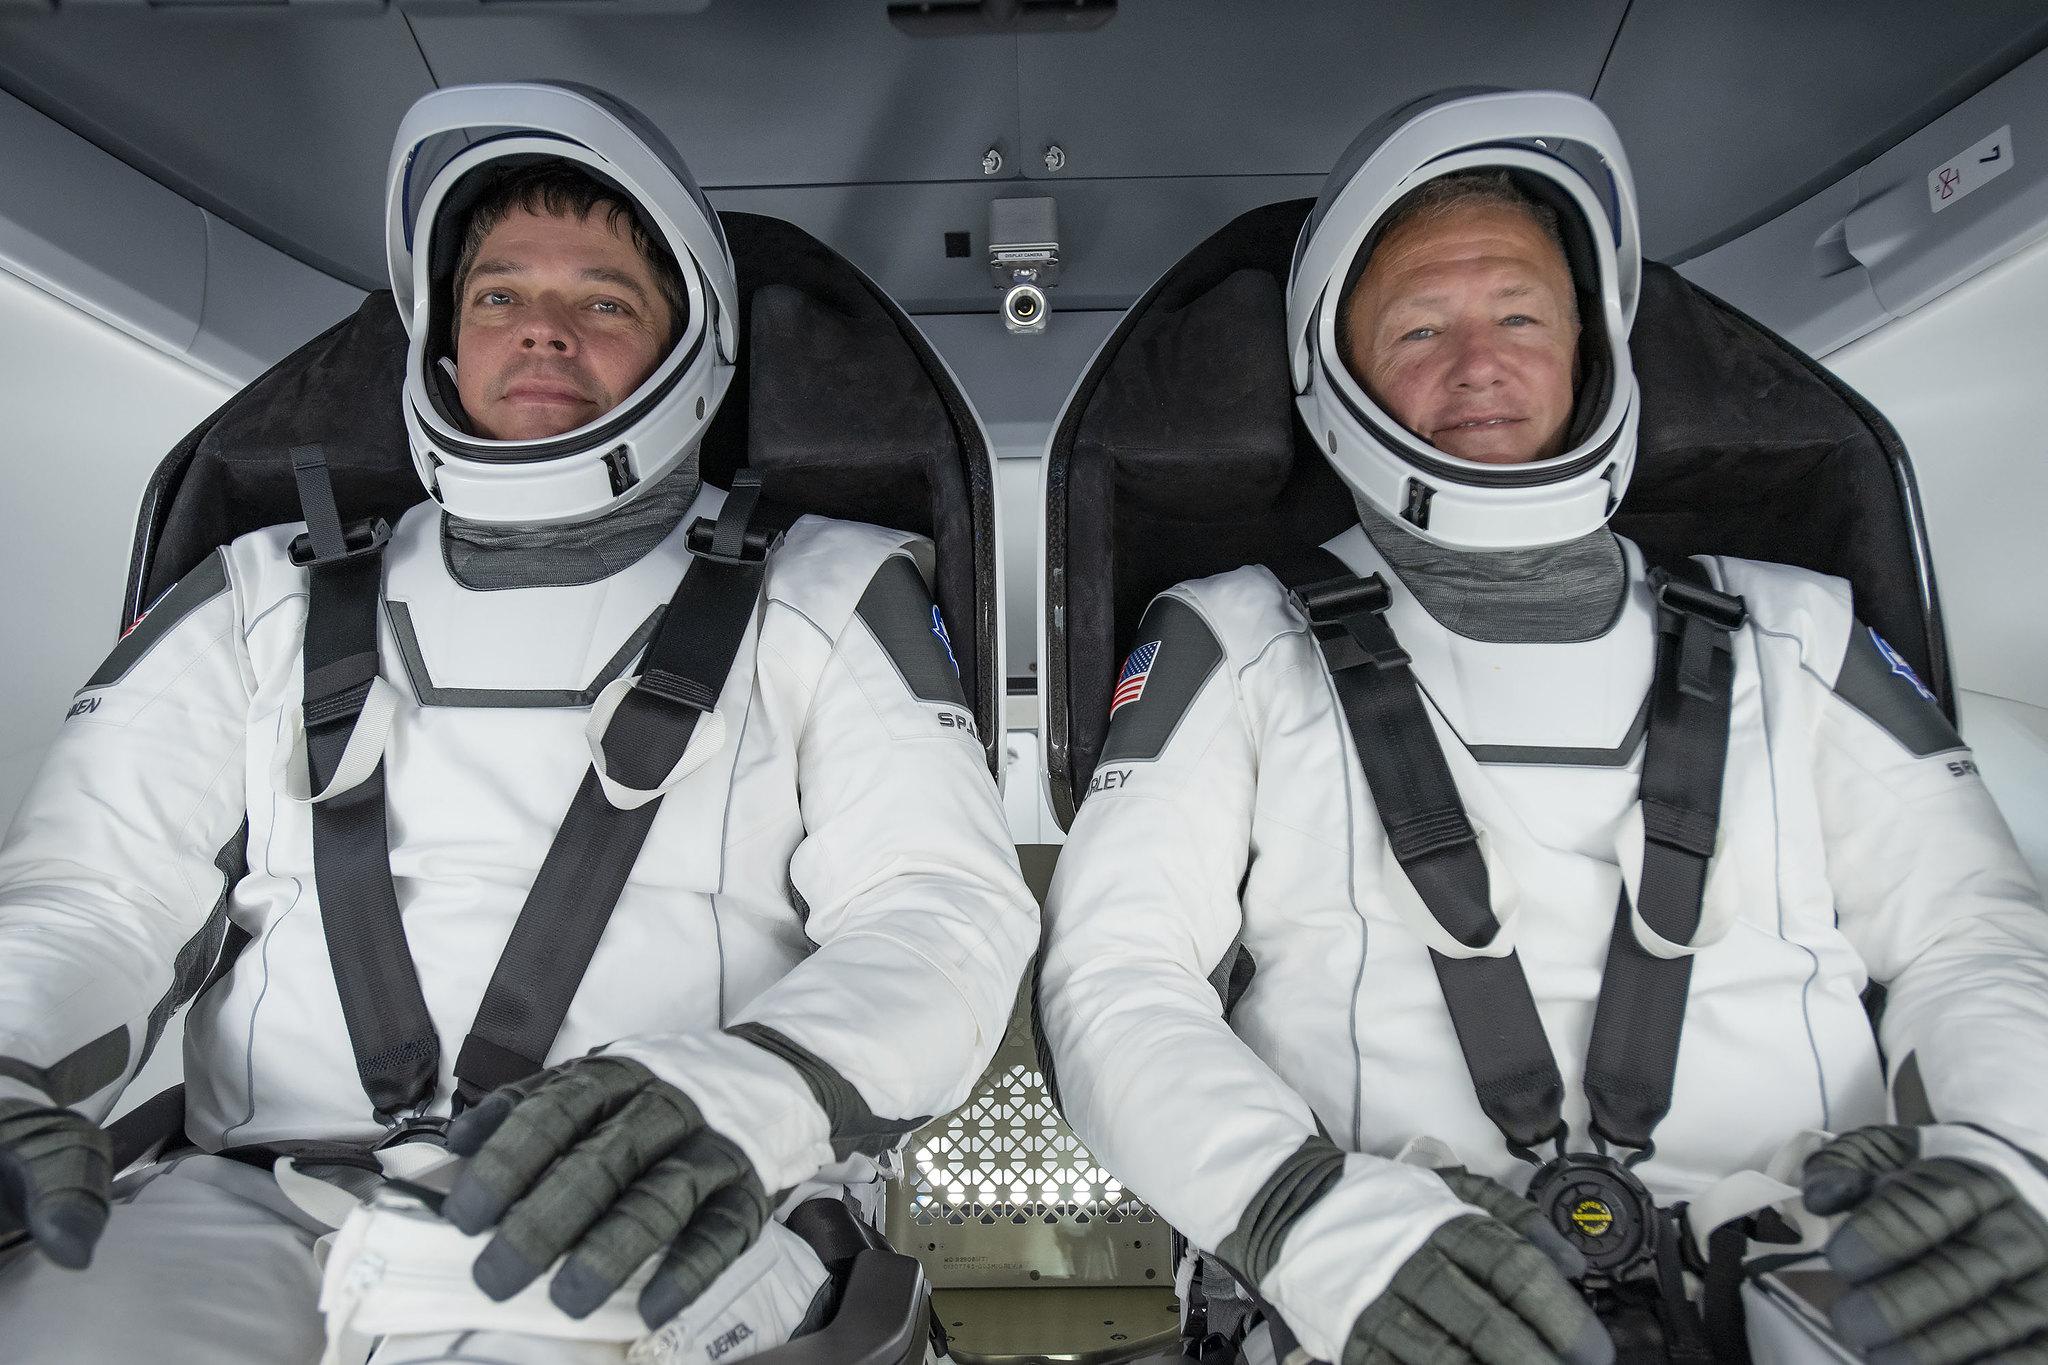 スペースX、初の有人商業宇宙船を間もなく打ち上げ